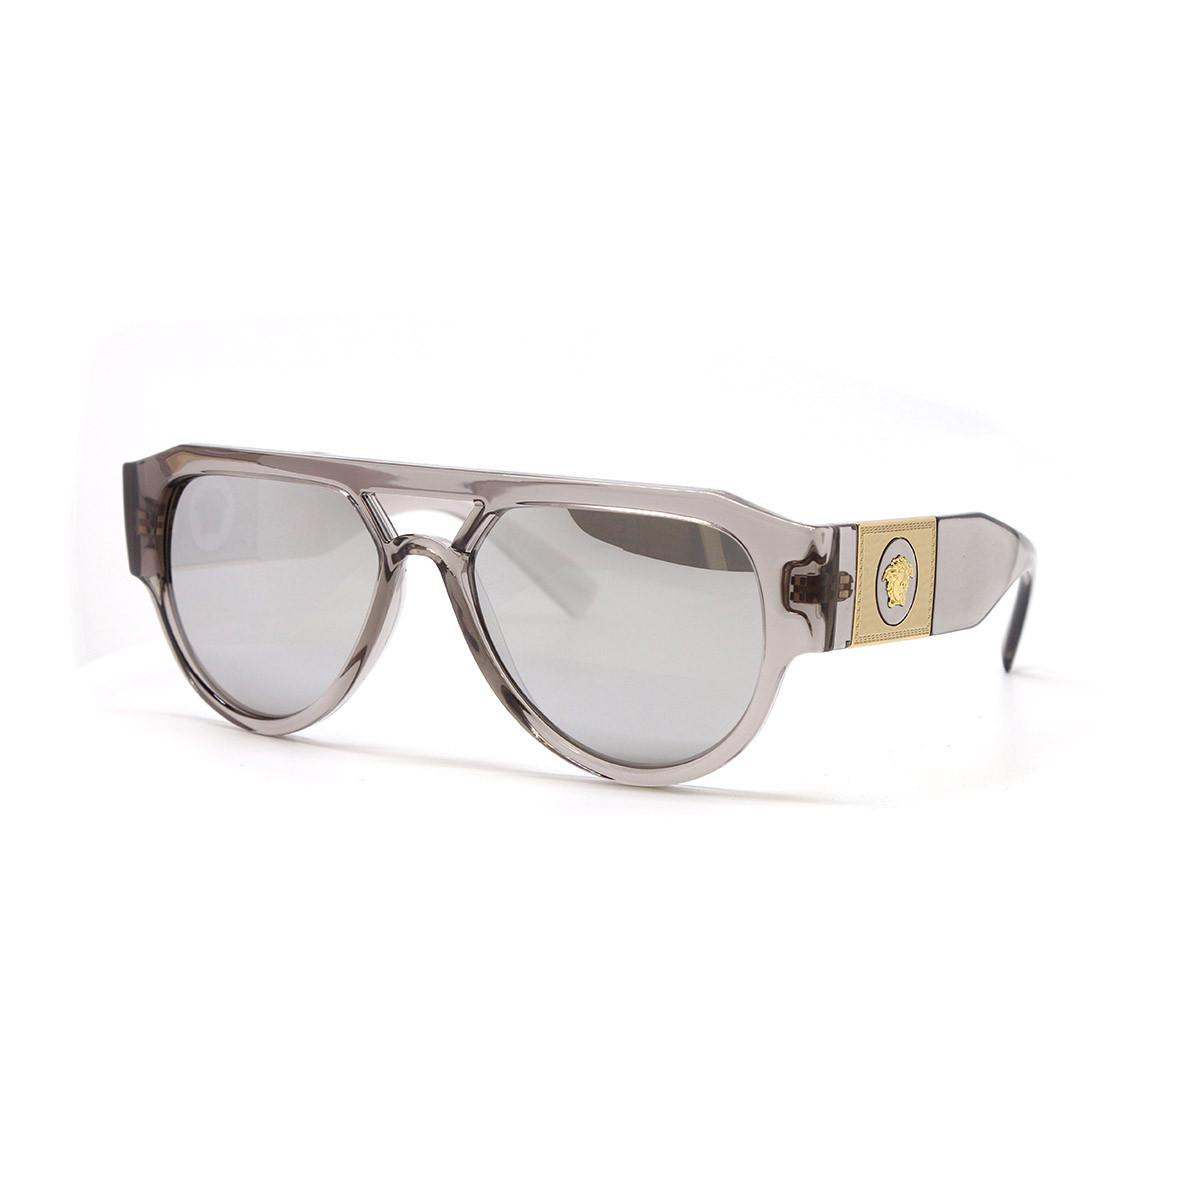 Солнцезащитные очки VE 4401 53416G 57 Фото №1 - linza.com.ua